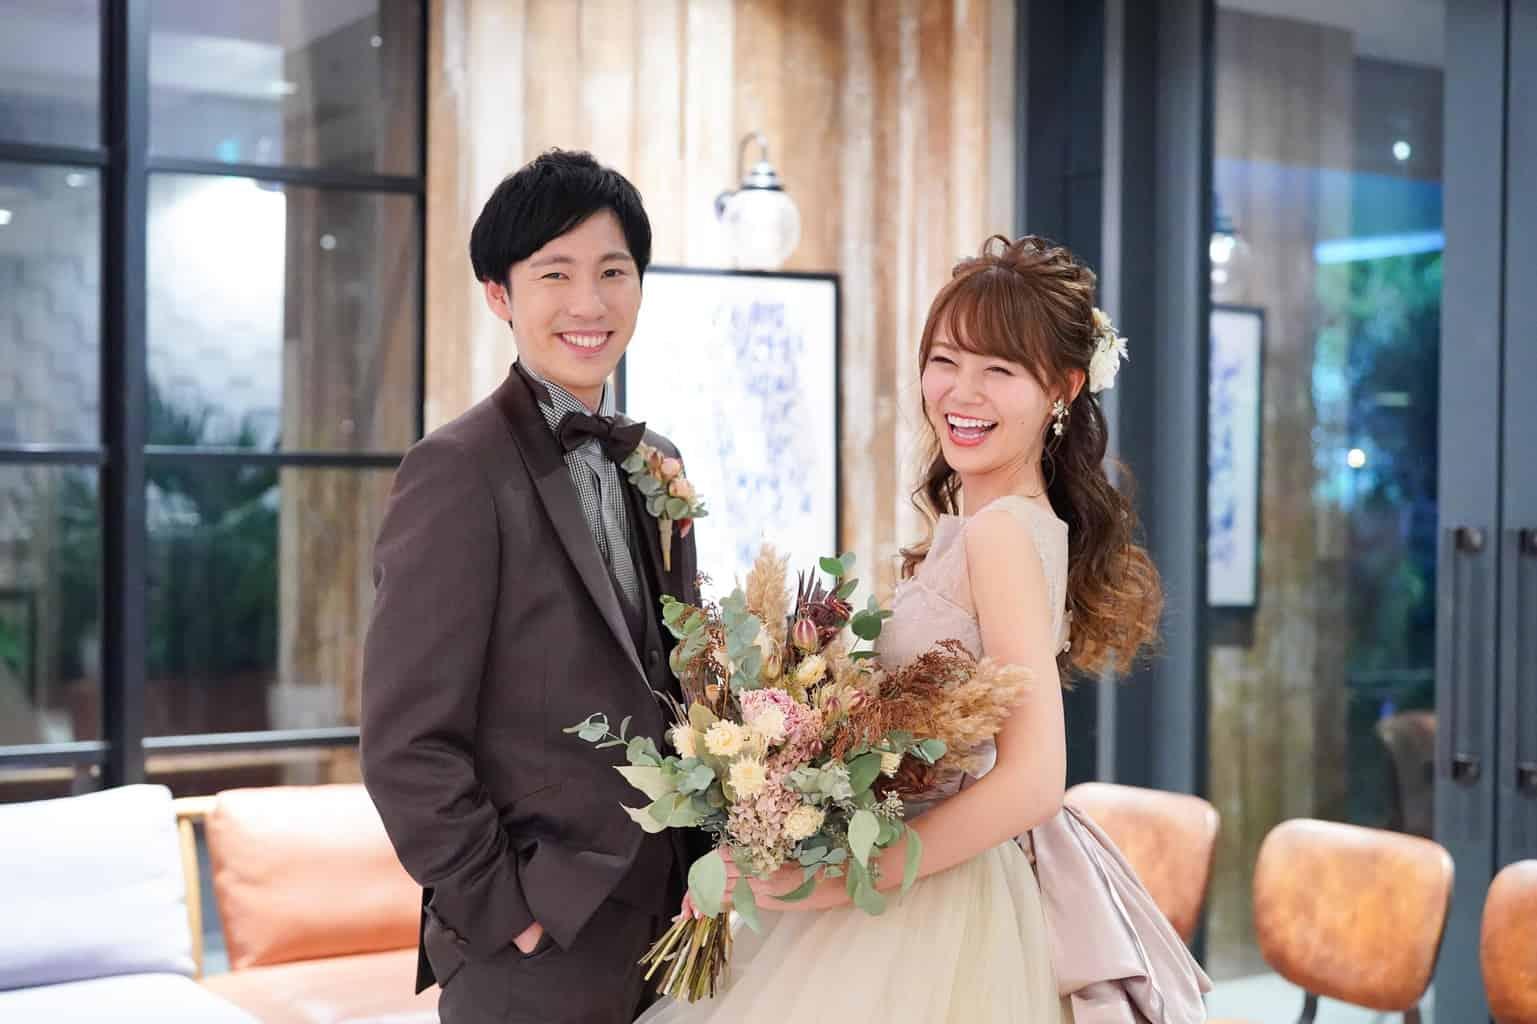 結婚式インスタ #ウェディングニュースでみつけた素敵フォト15選のカバー写真 0.6662329212752115